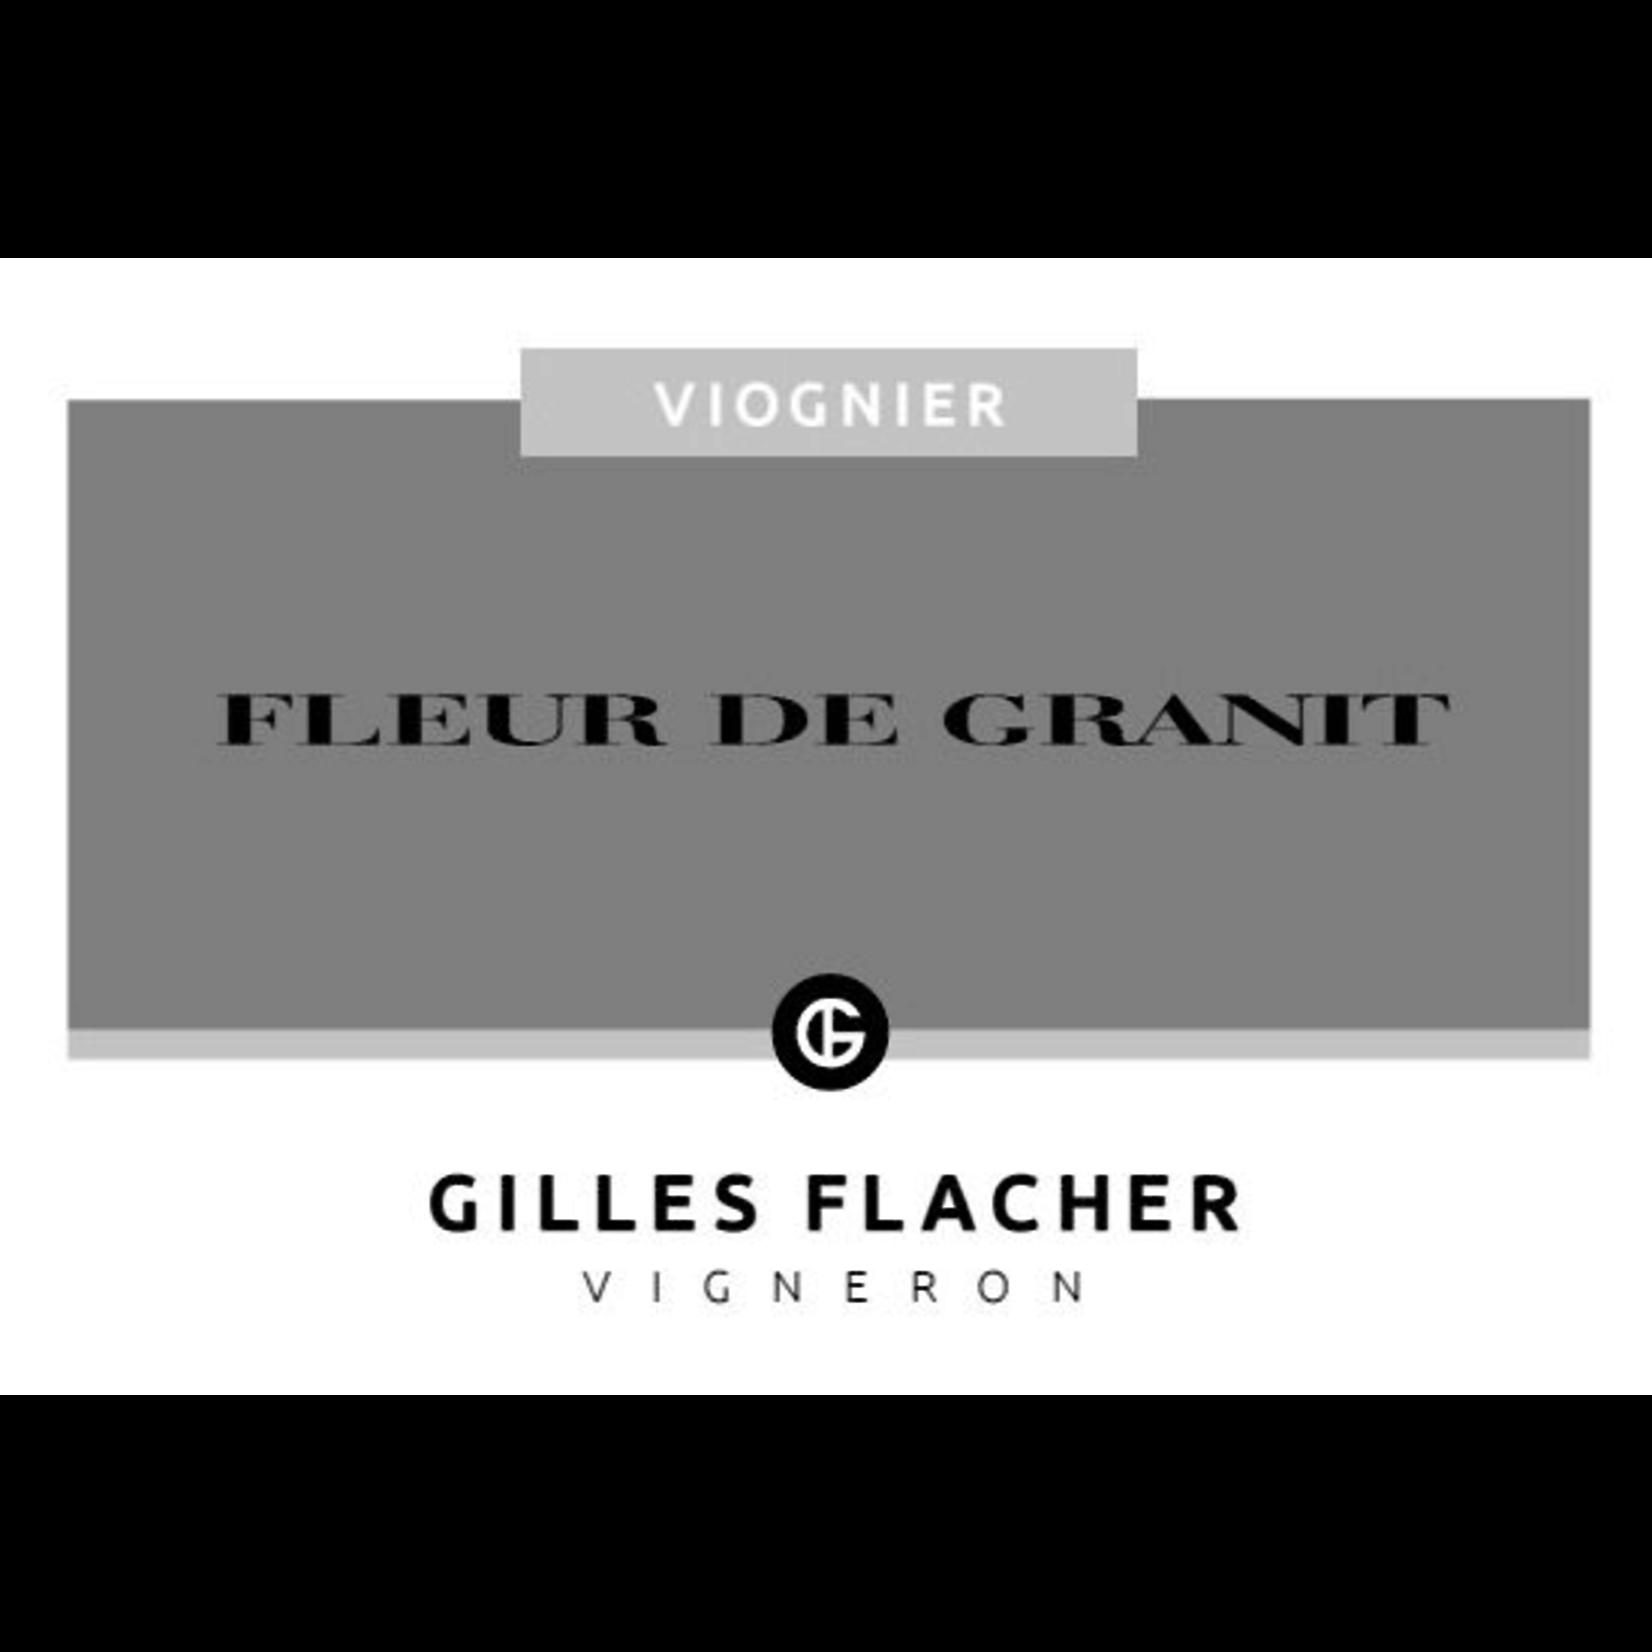 Wine Gilles Flacher Fleur de Granit Viognier 2016